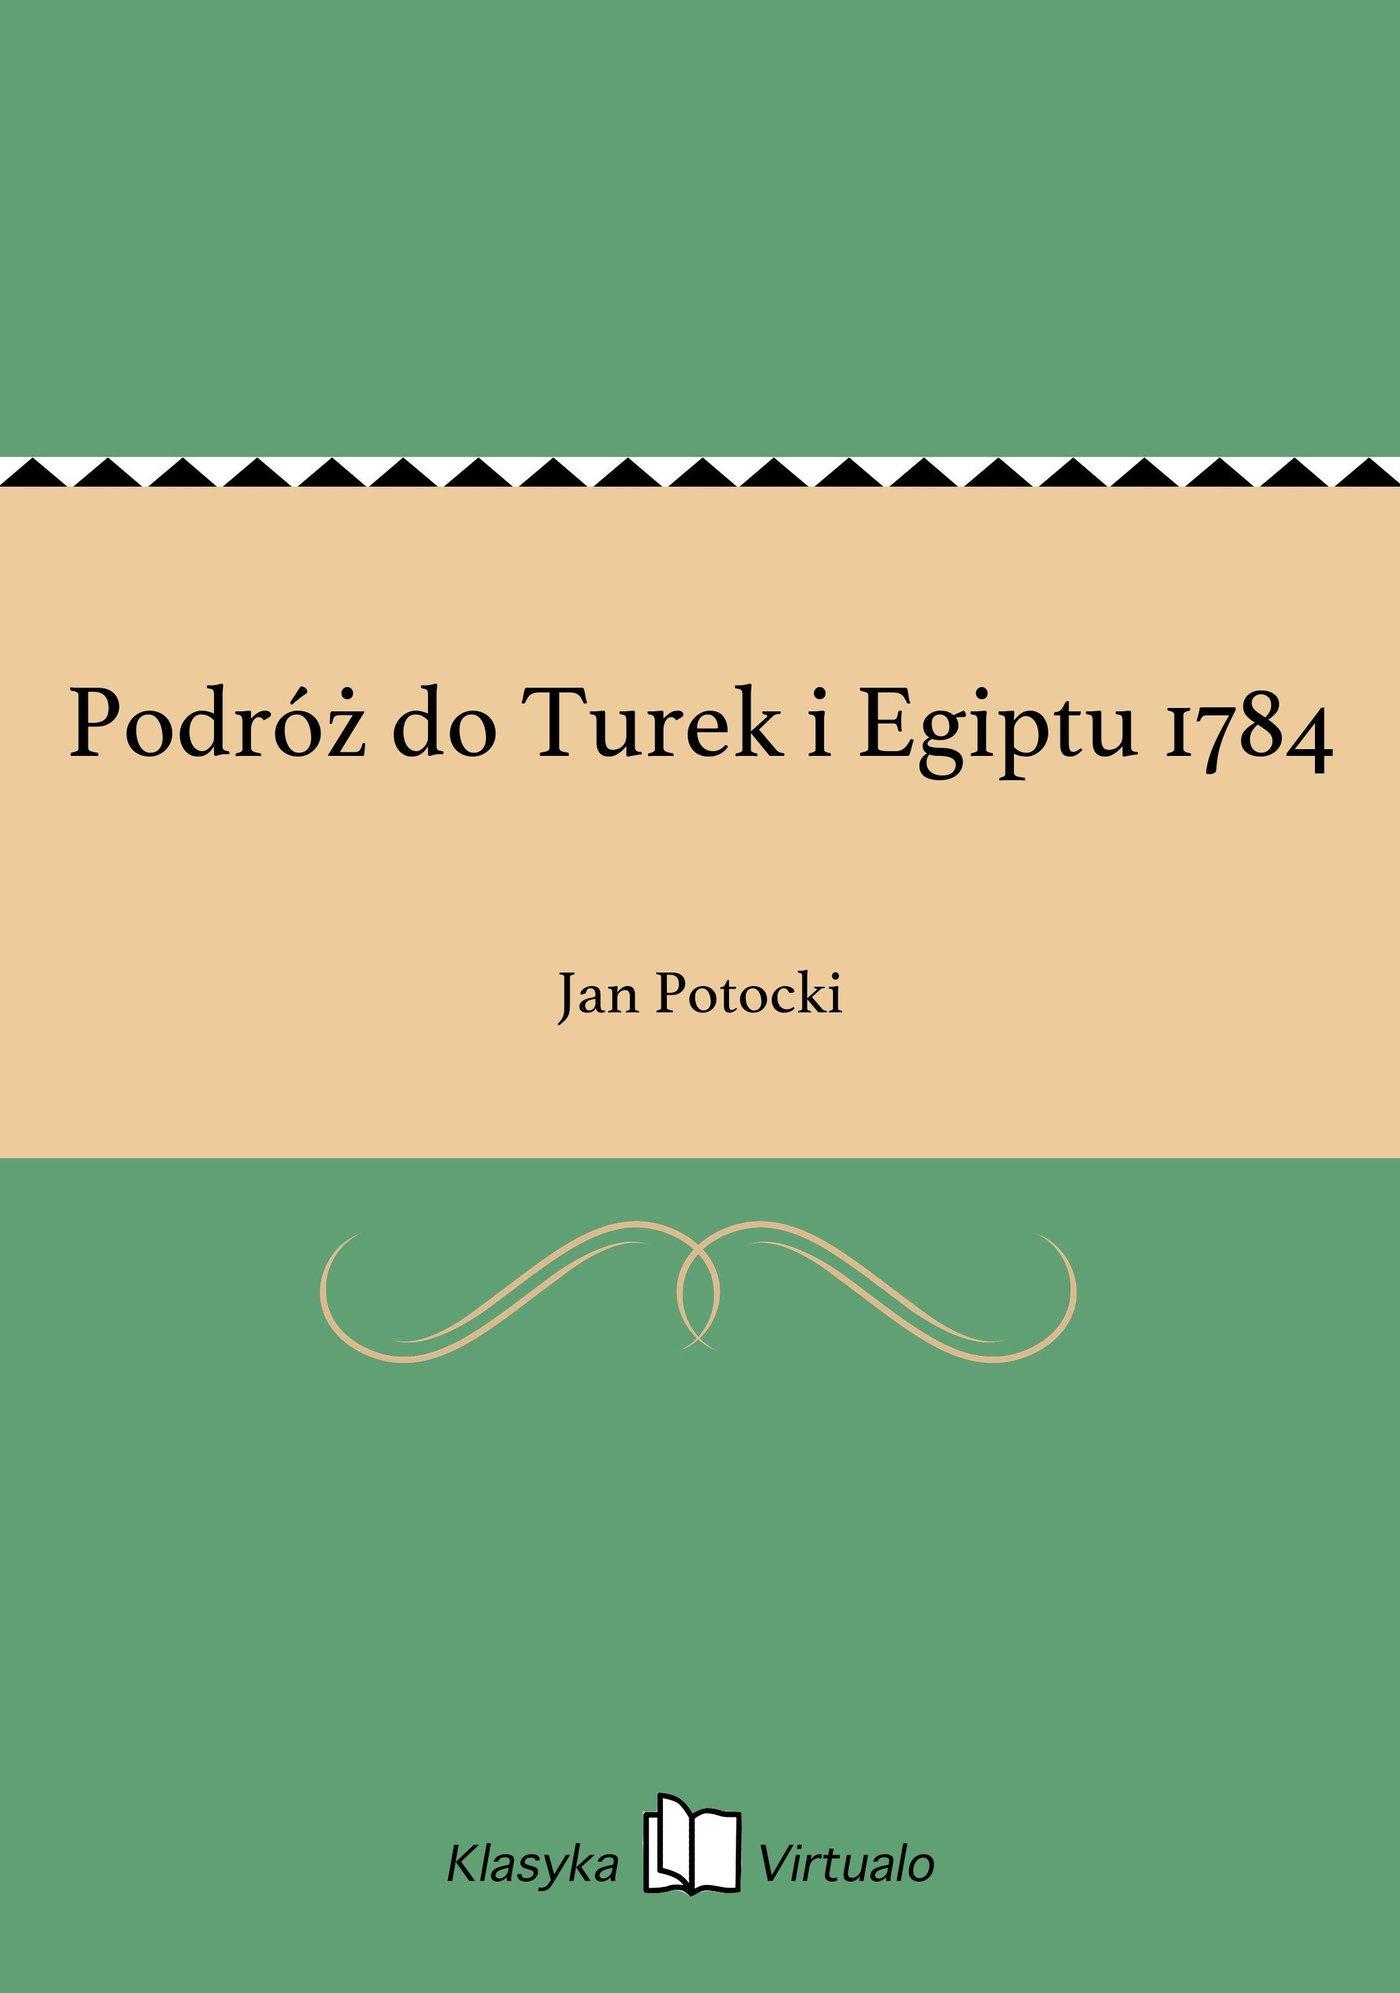 Podróż do Turek i Egiptu 1784 - Ebook (Książka EPUB) do pobrania w formacie EPUB